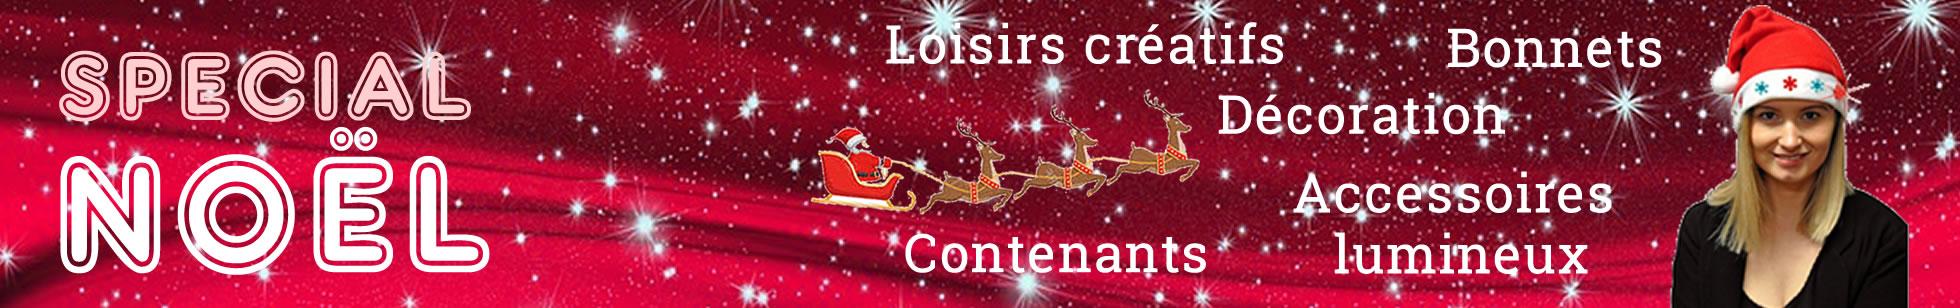 Noël se prépare dès maintenant...!